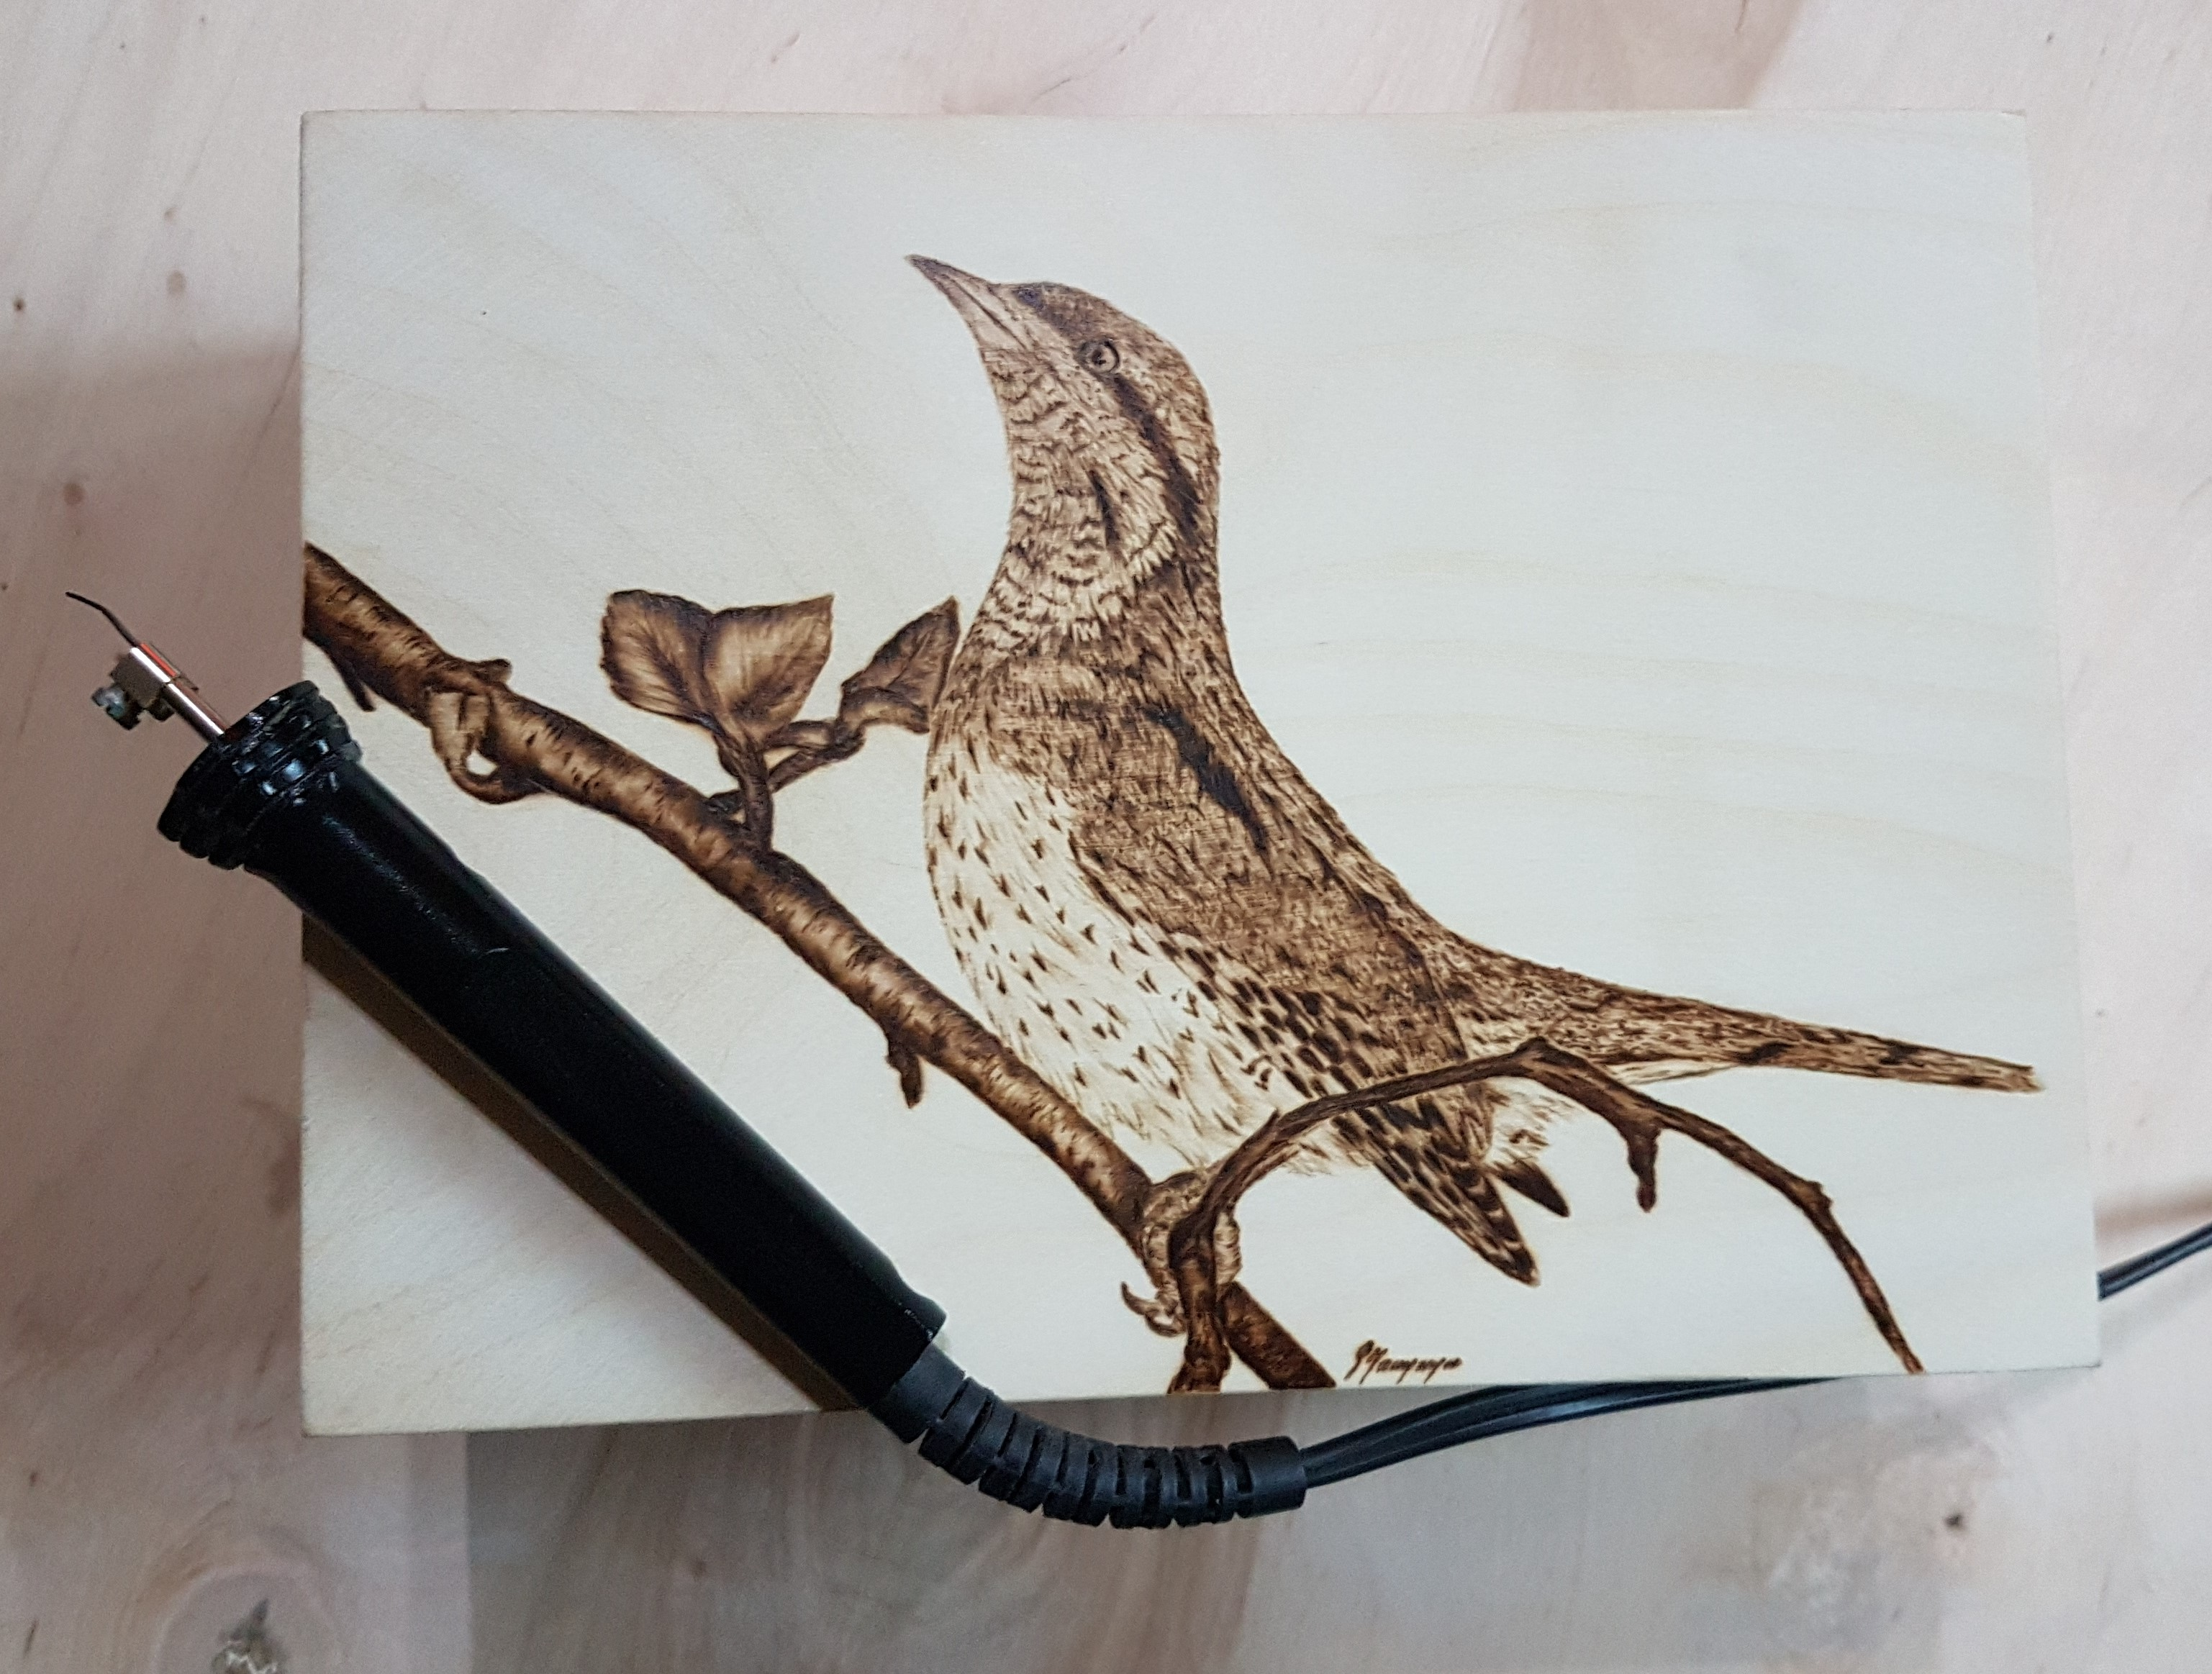 wypalanie w drewnie, sylwia, pirografia, janczyszyn, pyrography, handmade, rękodzieło, pomysł na prezent, pudełko na biżuterię, krętogłów